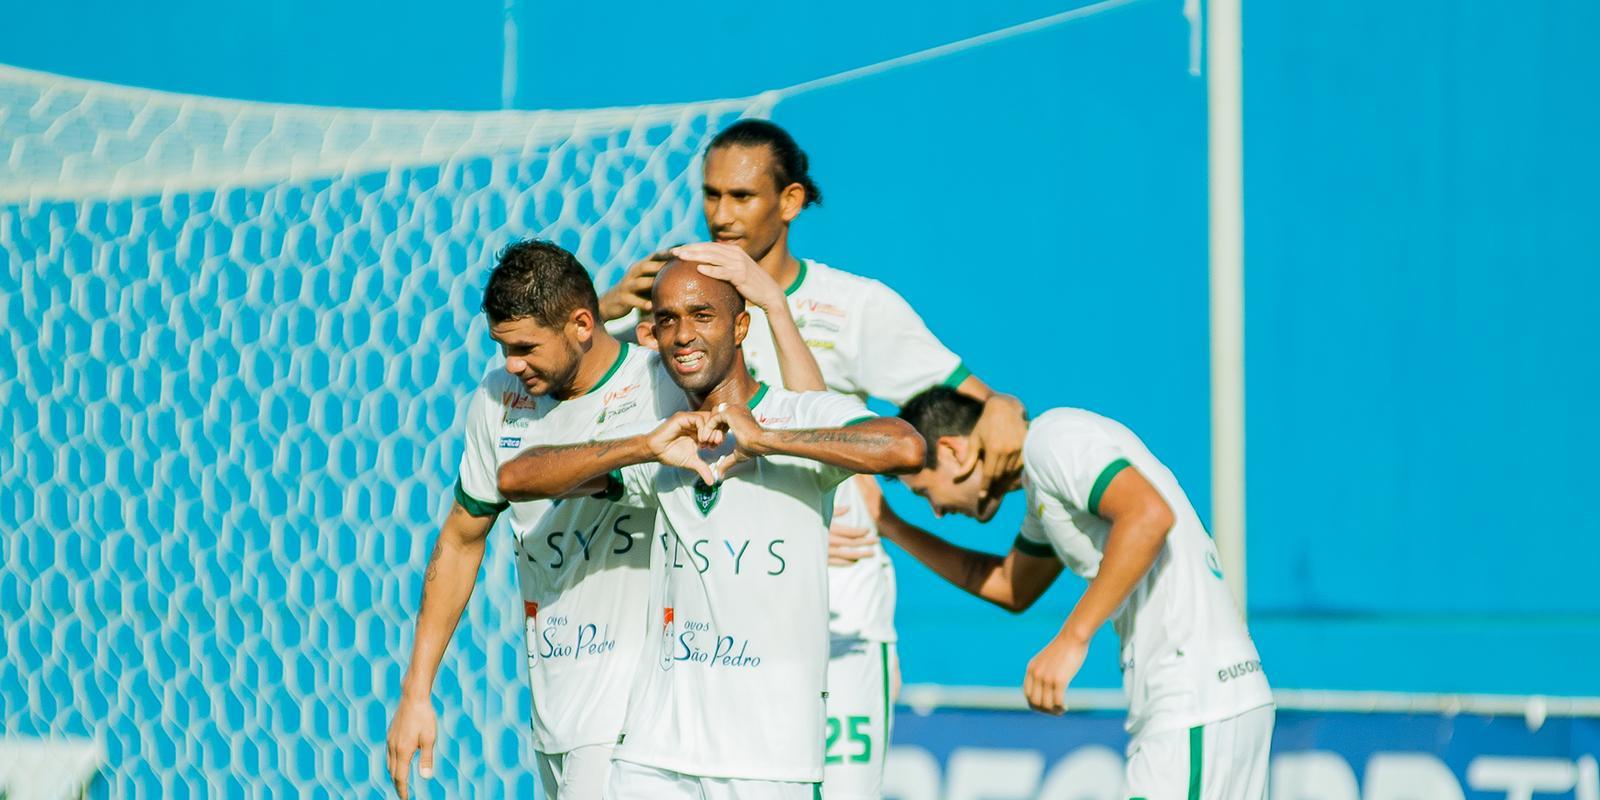 Vitória sobre o Penarol consolida liderança do Manaus FC